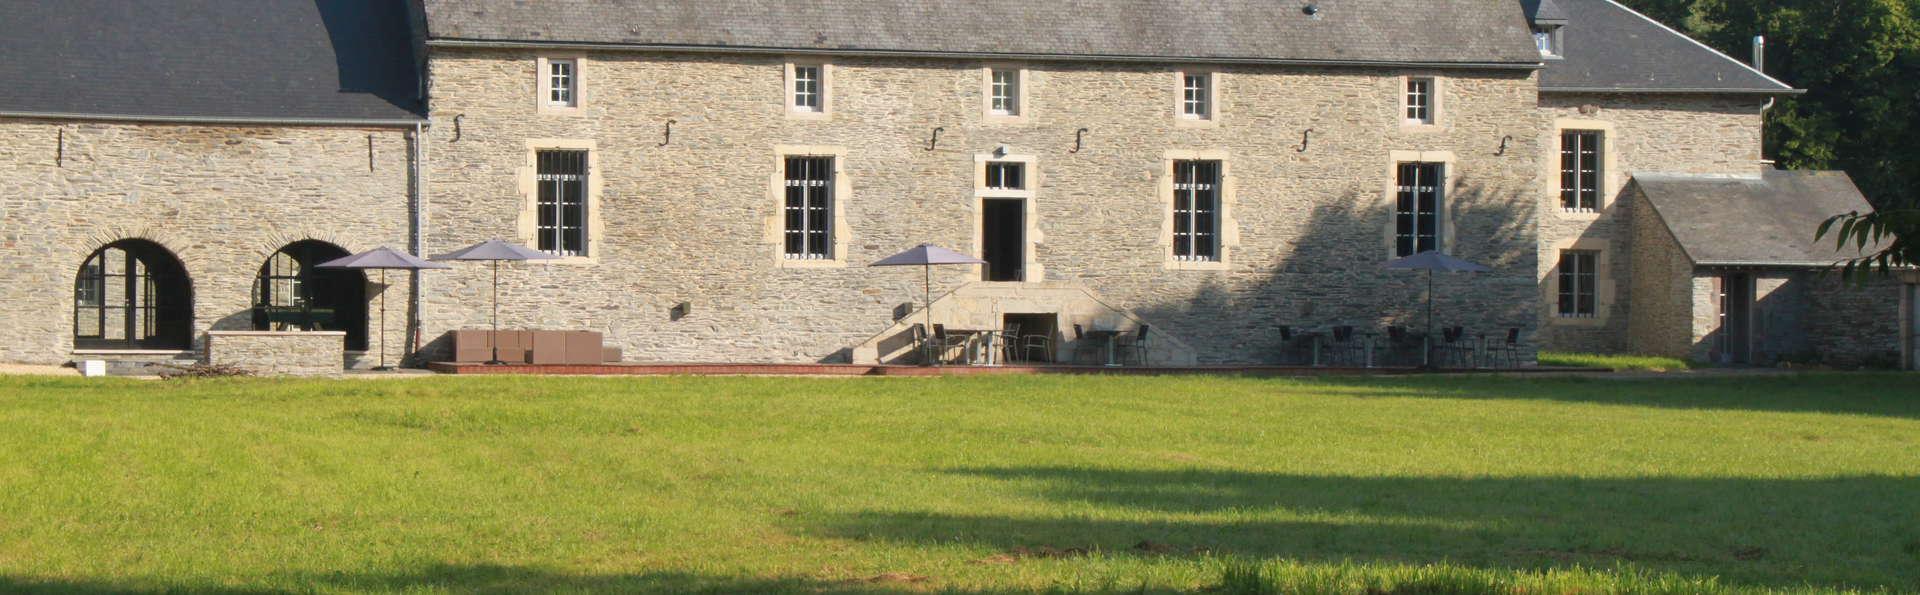 Hôtel Château Grandvoir - IMG_0431.JPG